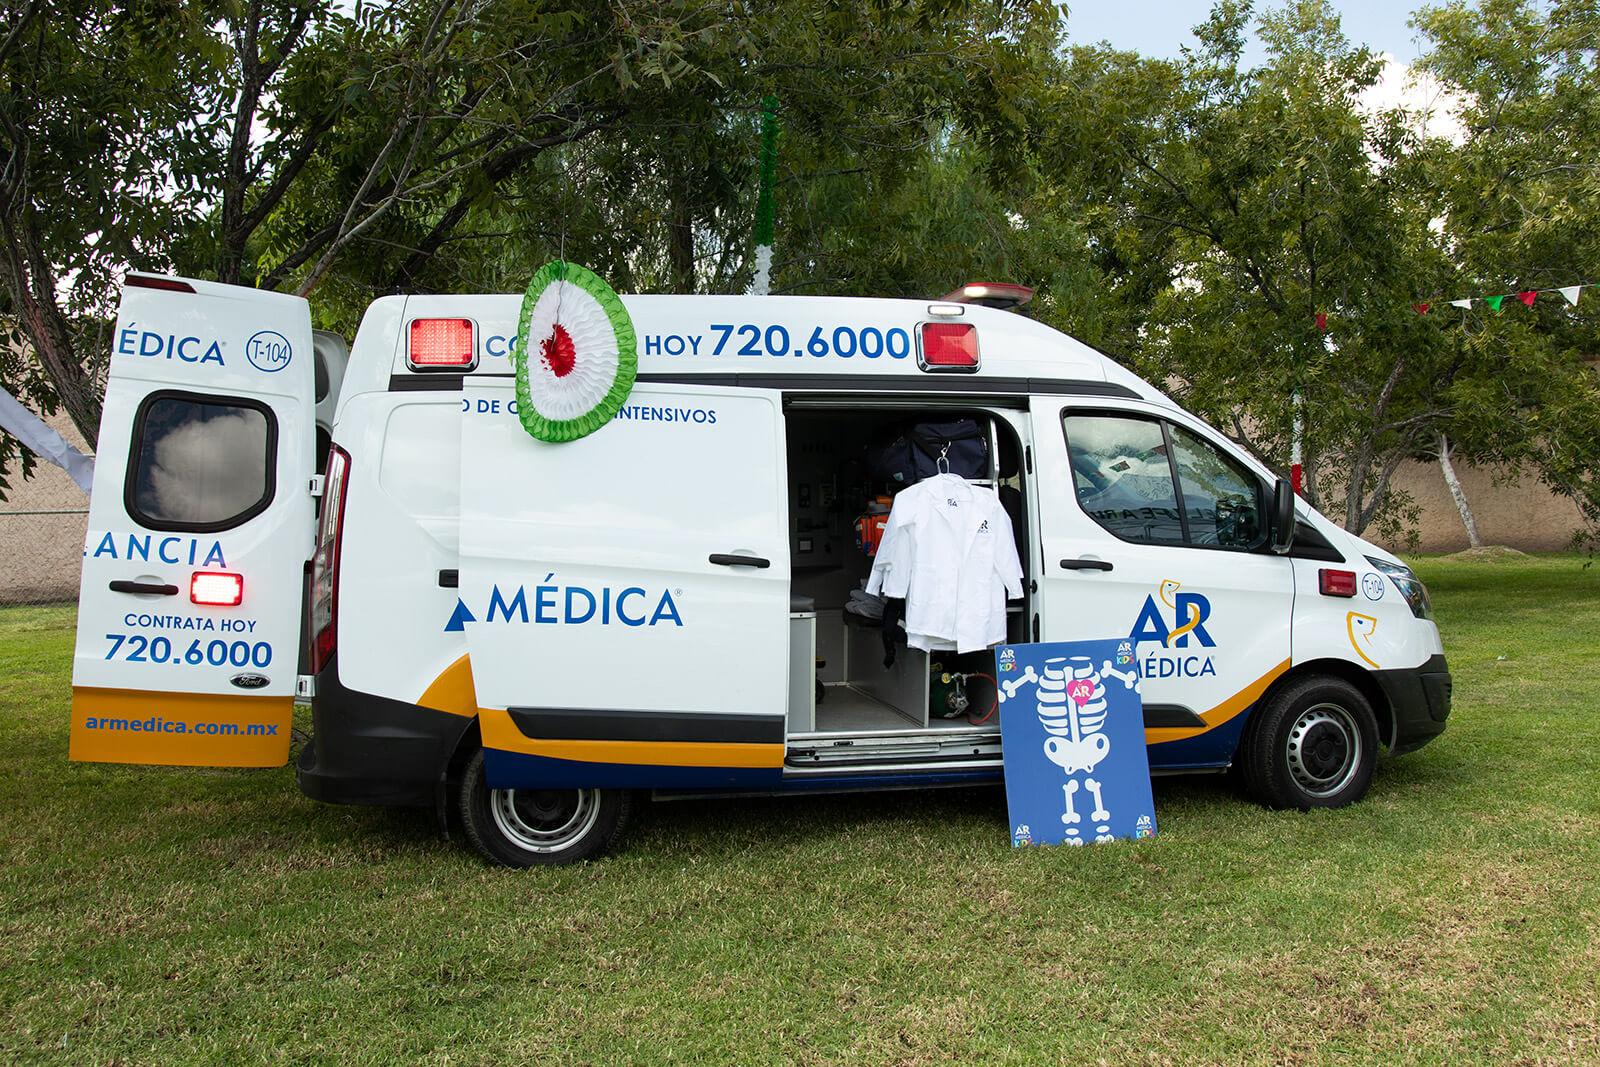 vehículo de atención médica de AR